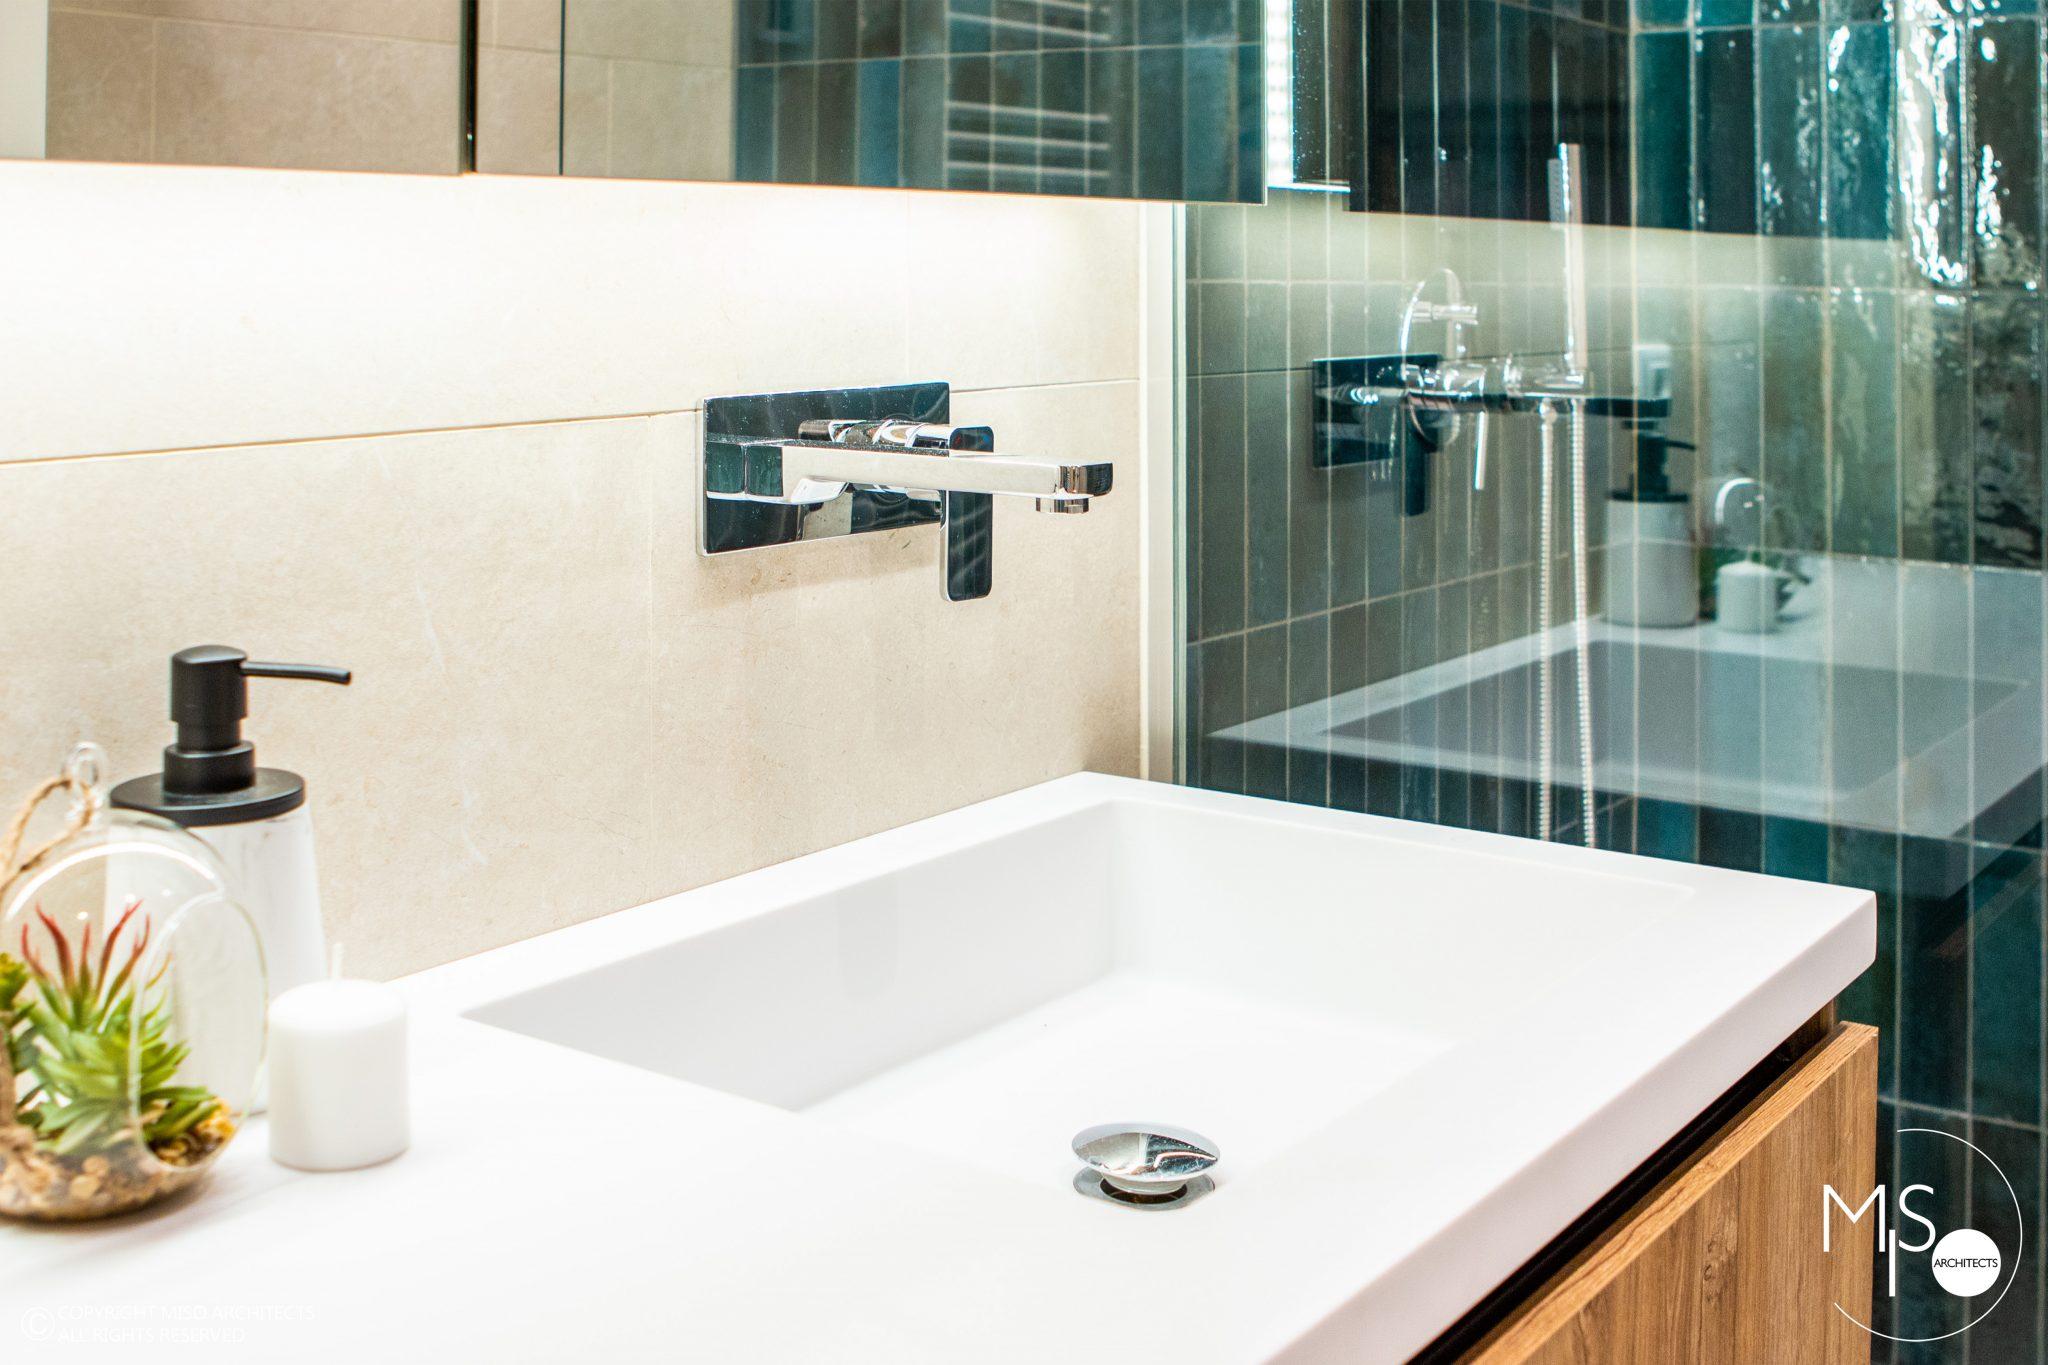 obiecte-sanitare-Vado-scaled.jpg